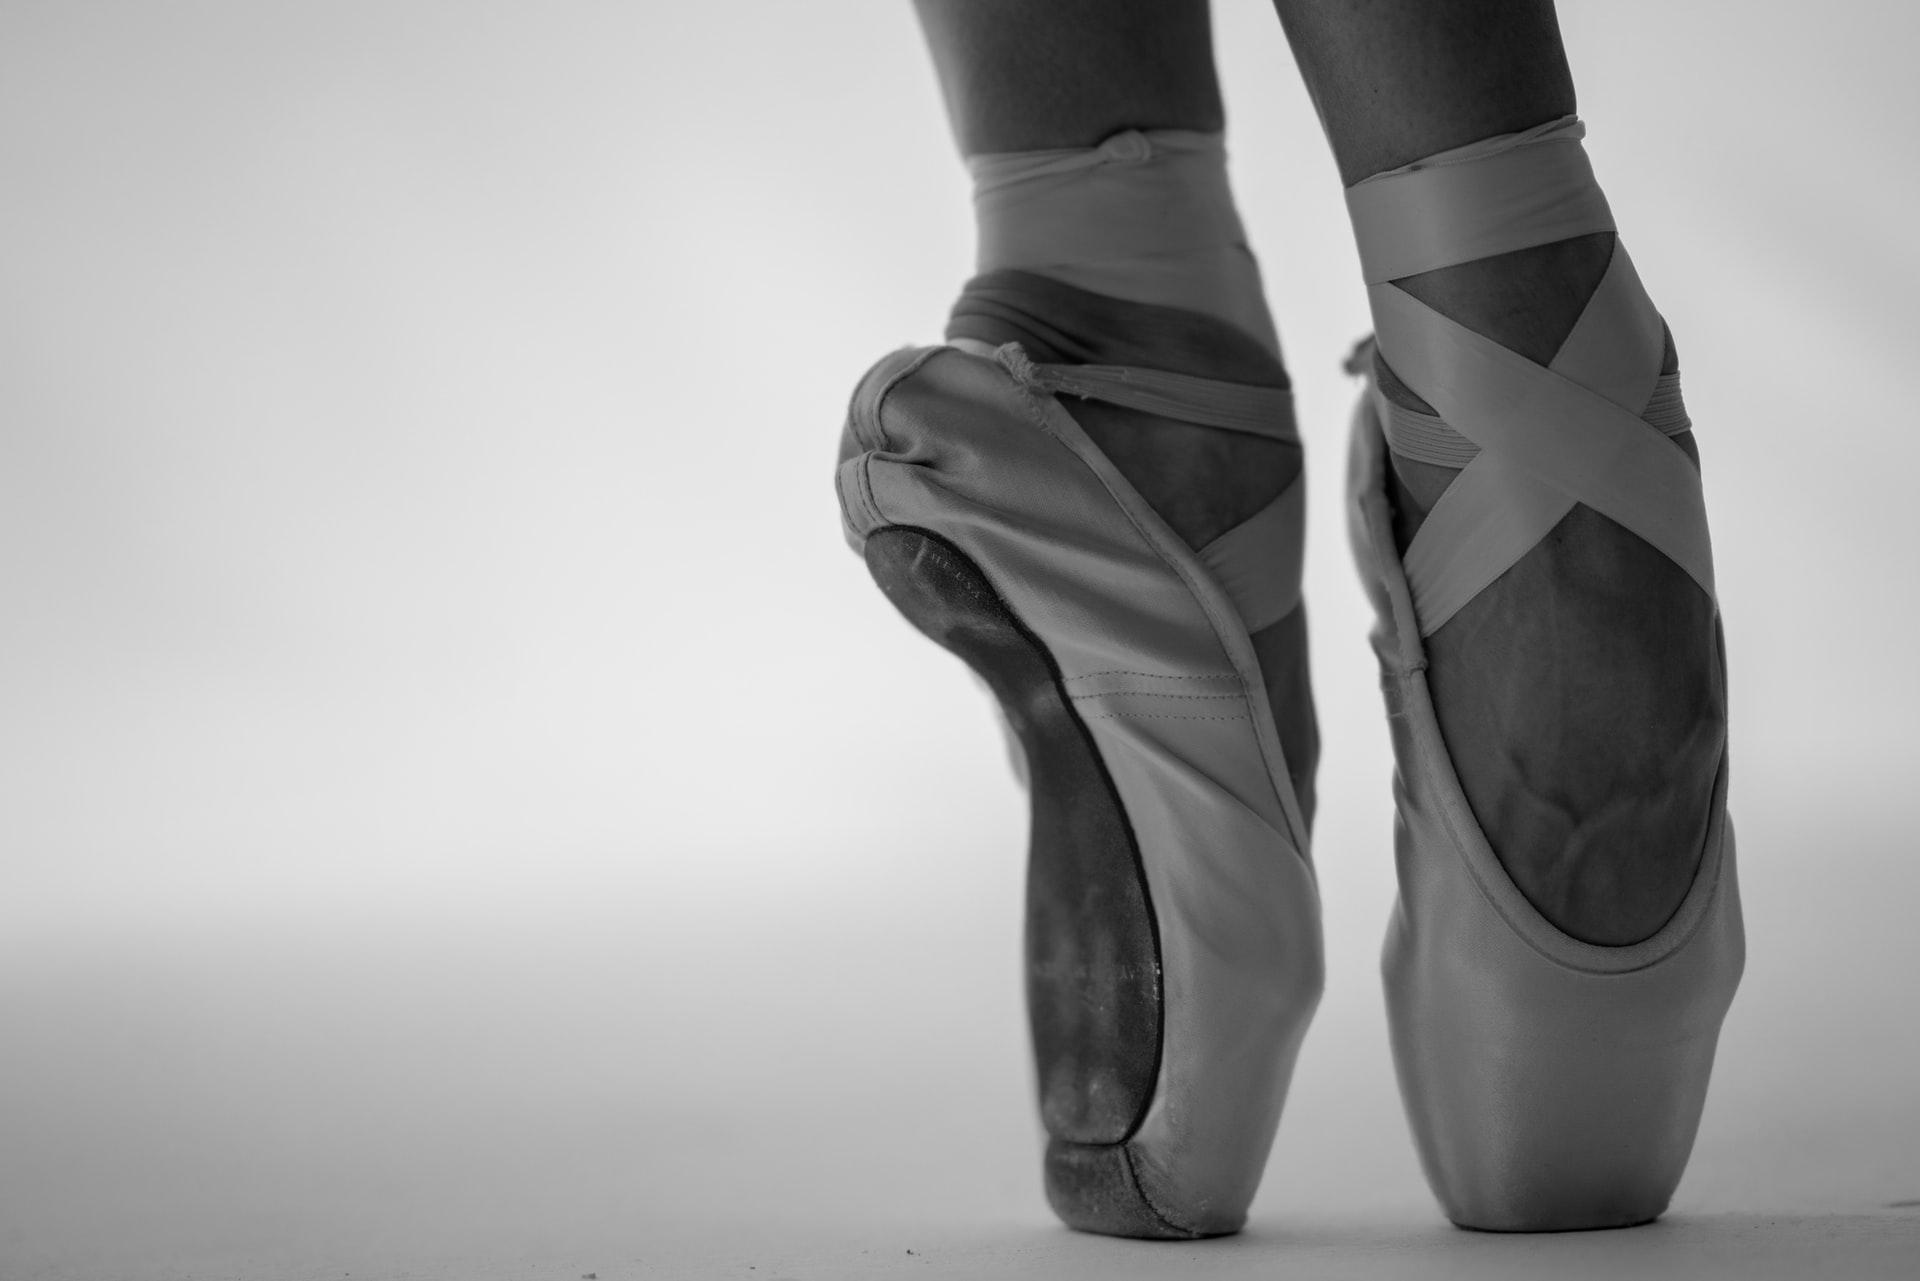 Fysioterapeutti tanssijoiden terveyden tukena